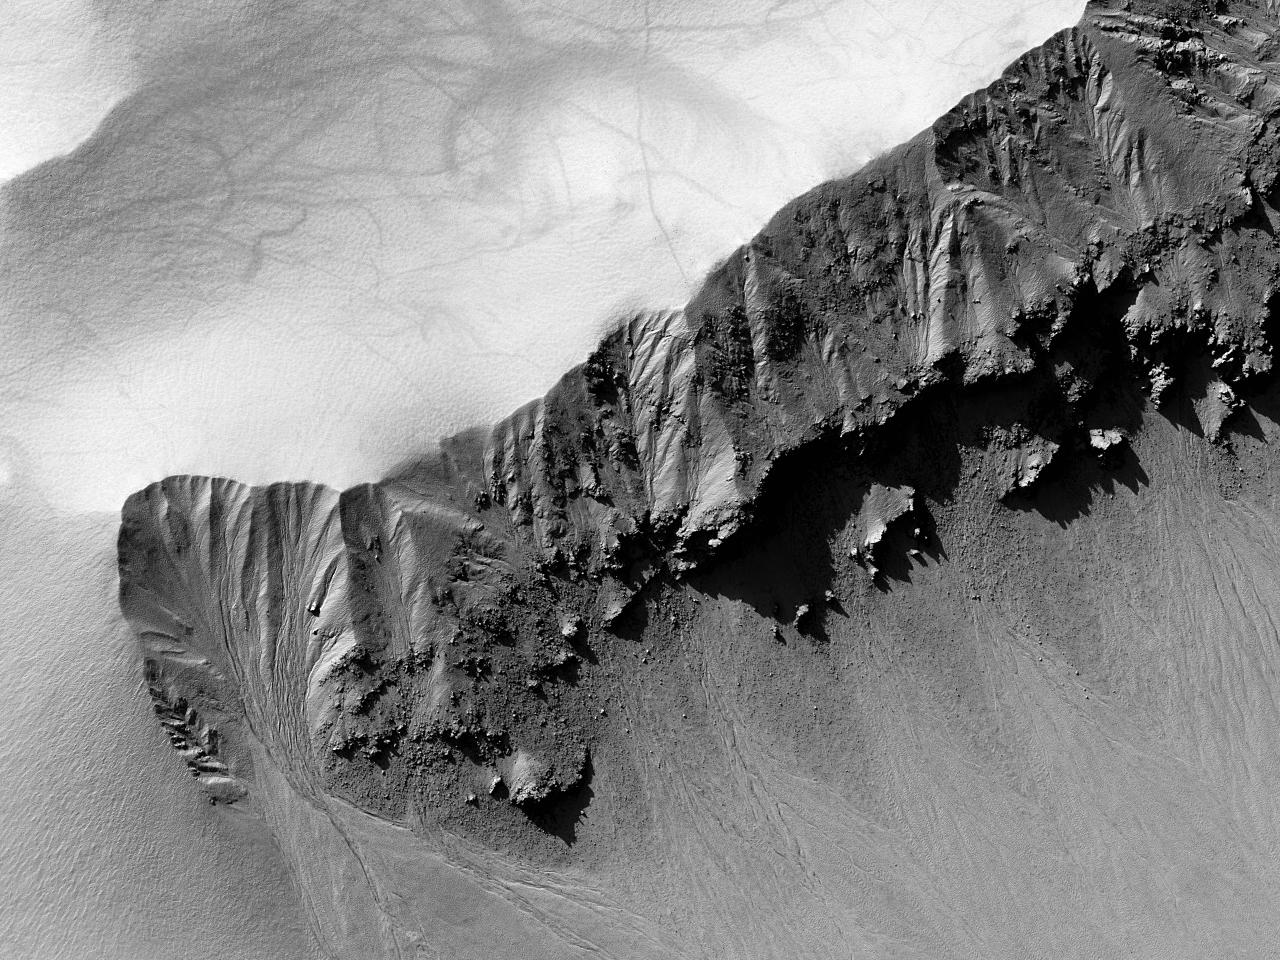 Urme lăsate de vârtejului de vânt pe peterele CrateruluiHenbury